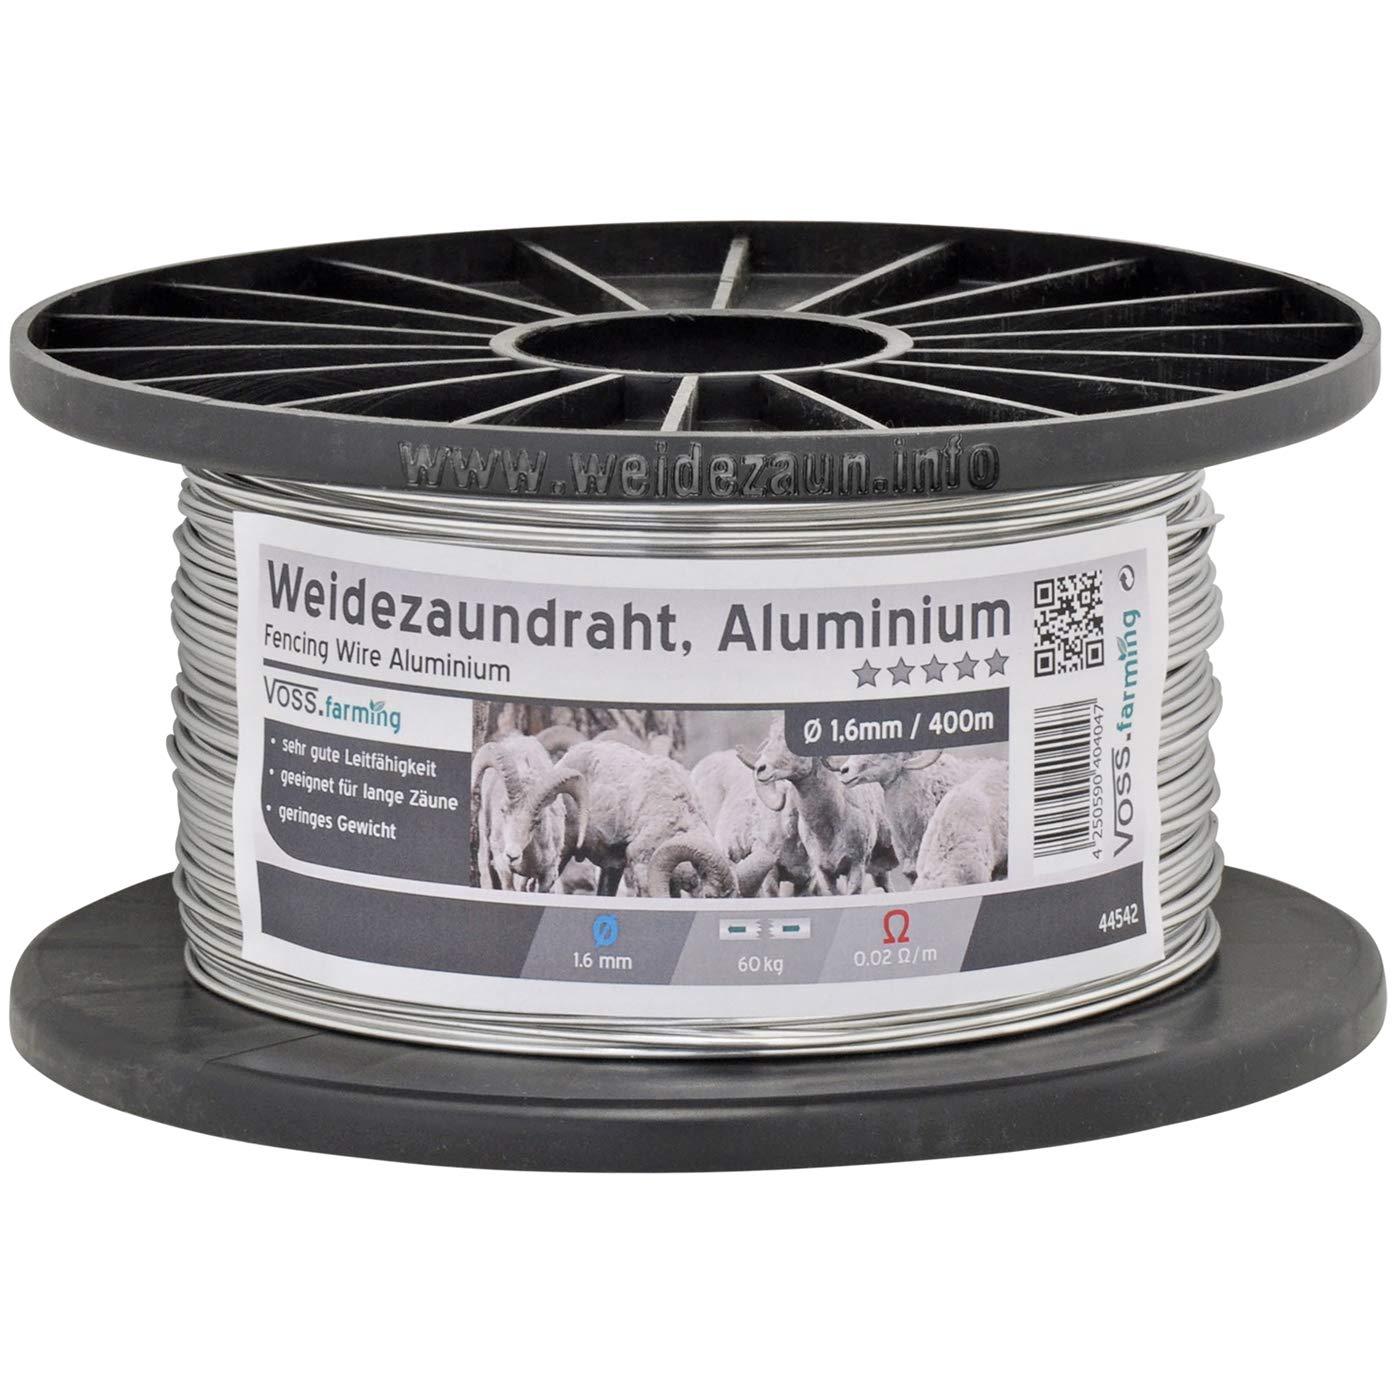 1x Fil d'aluminium VOSS.farming, 400 m / 1,6 mm